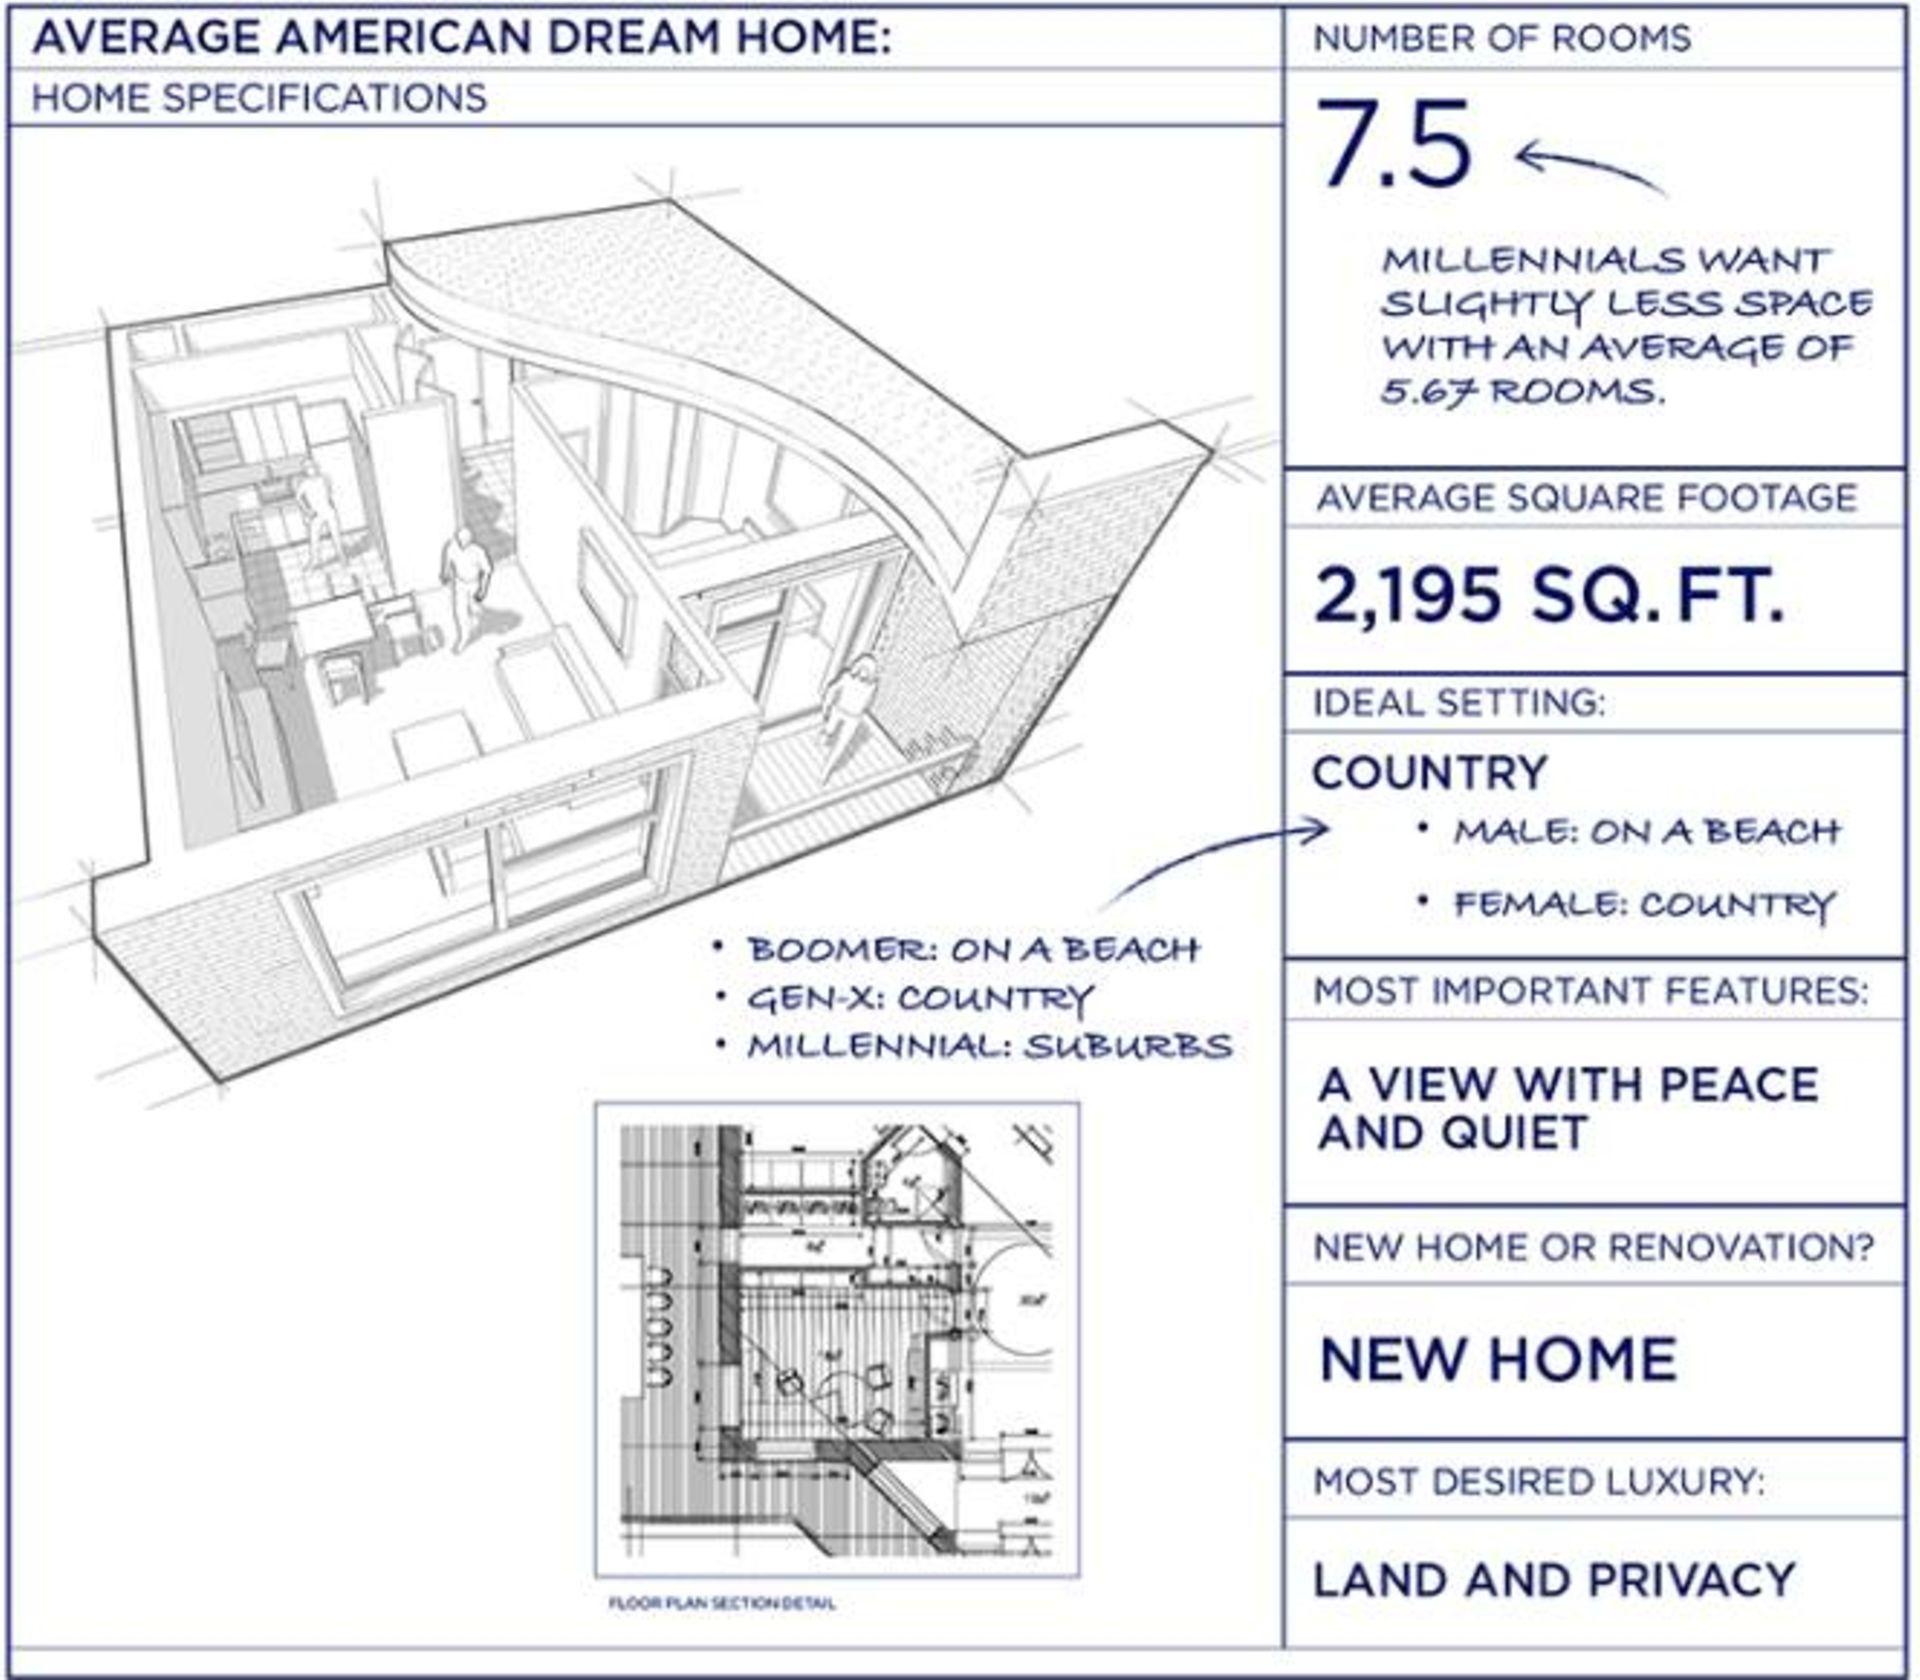 Modern Dream Homes for Millennials